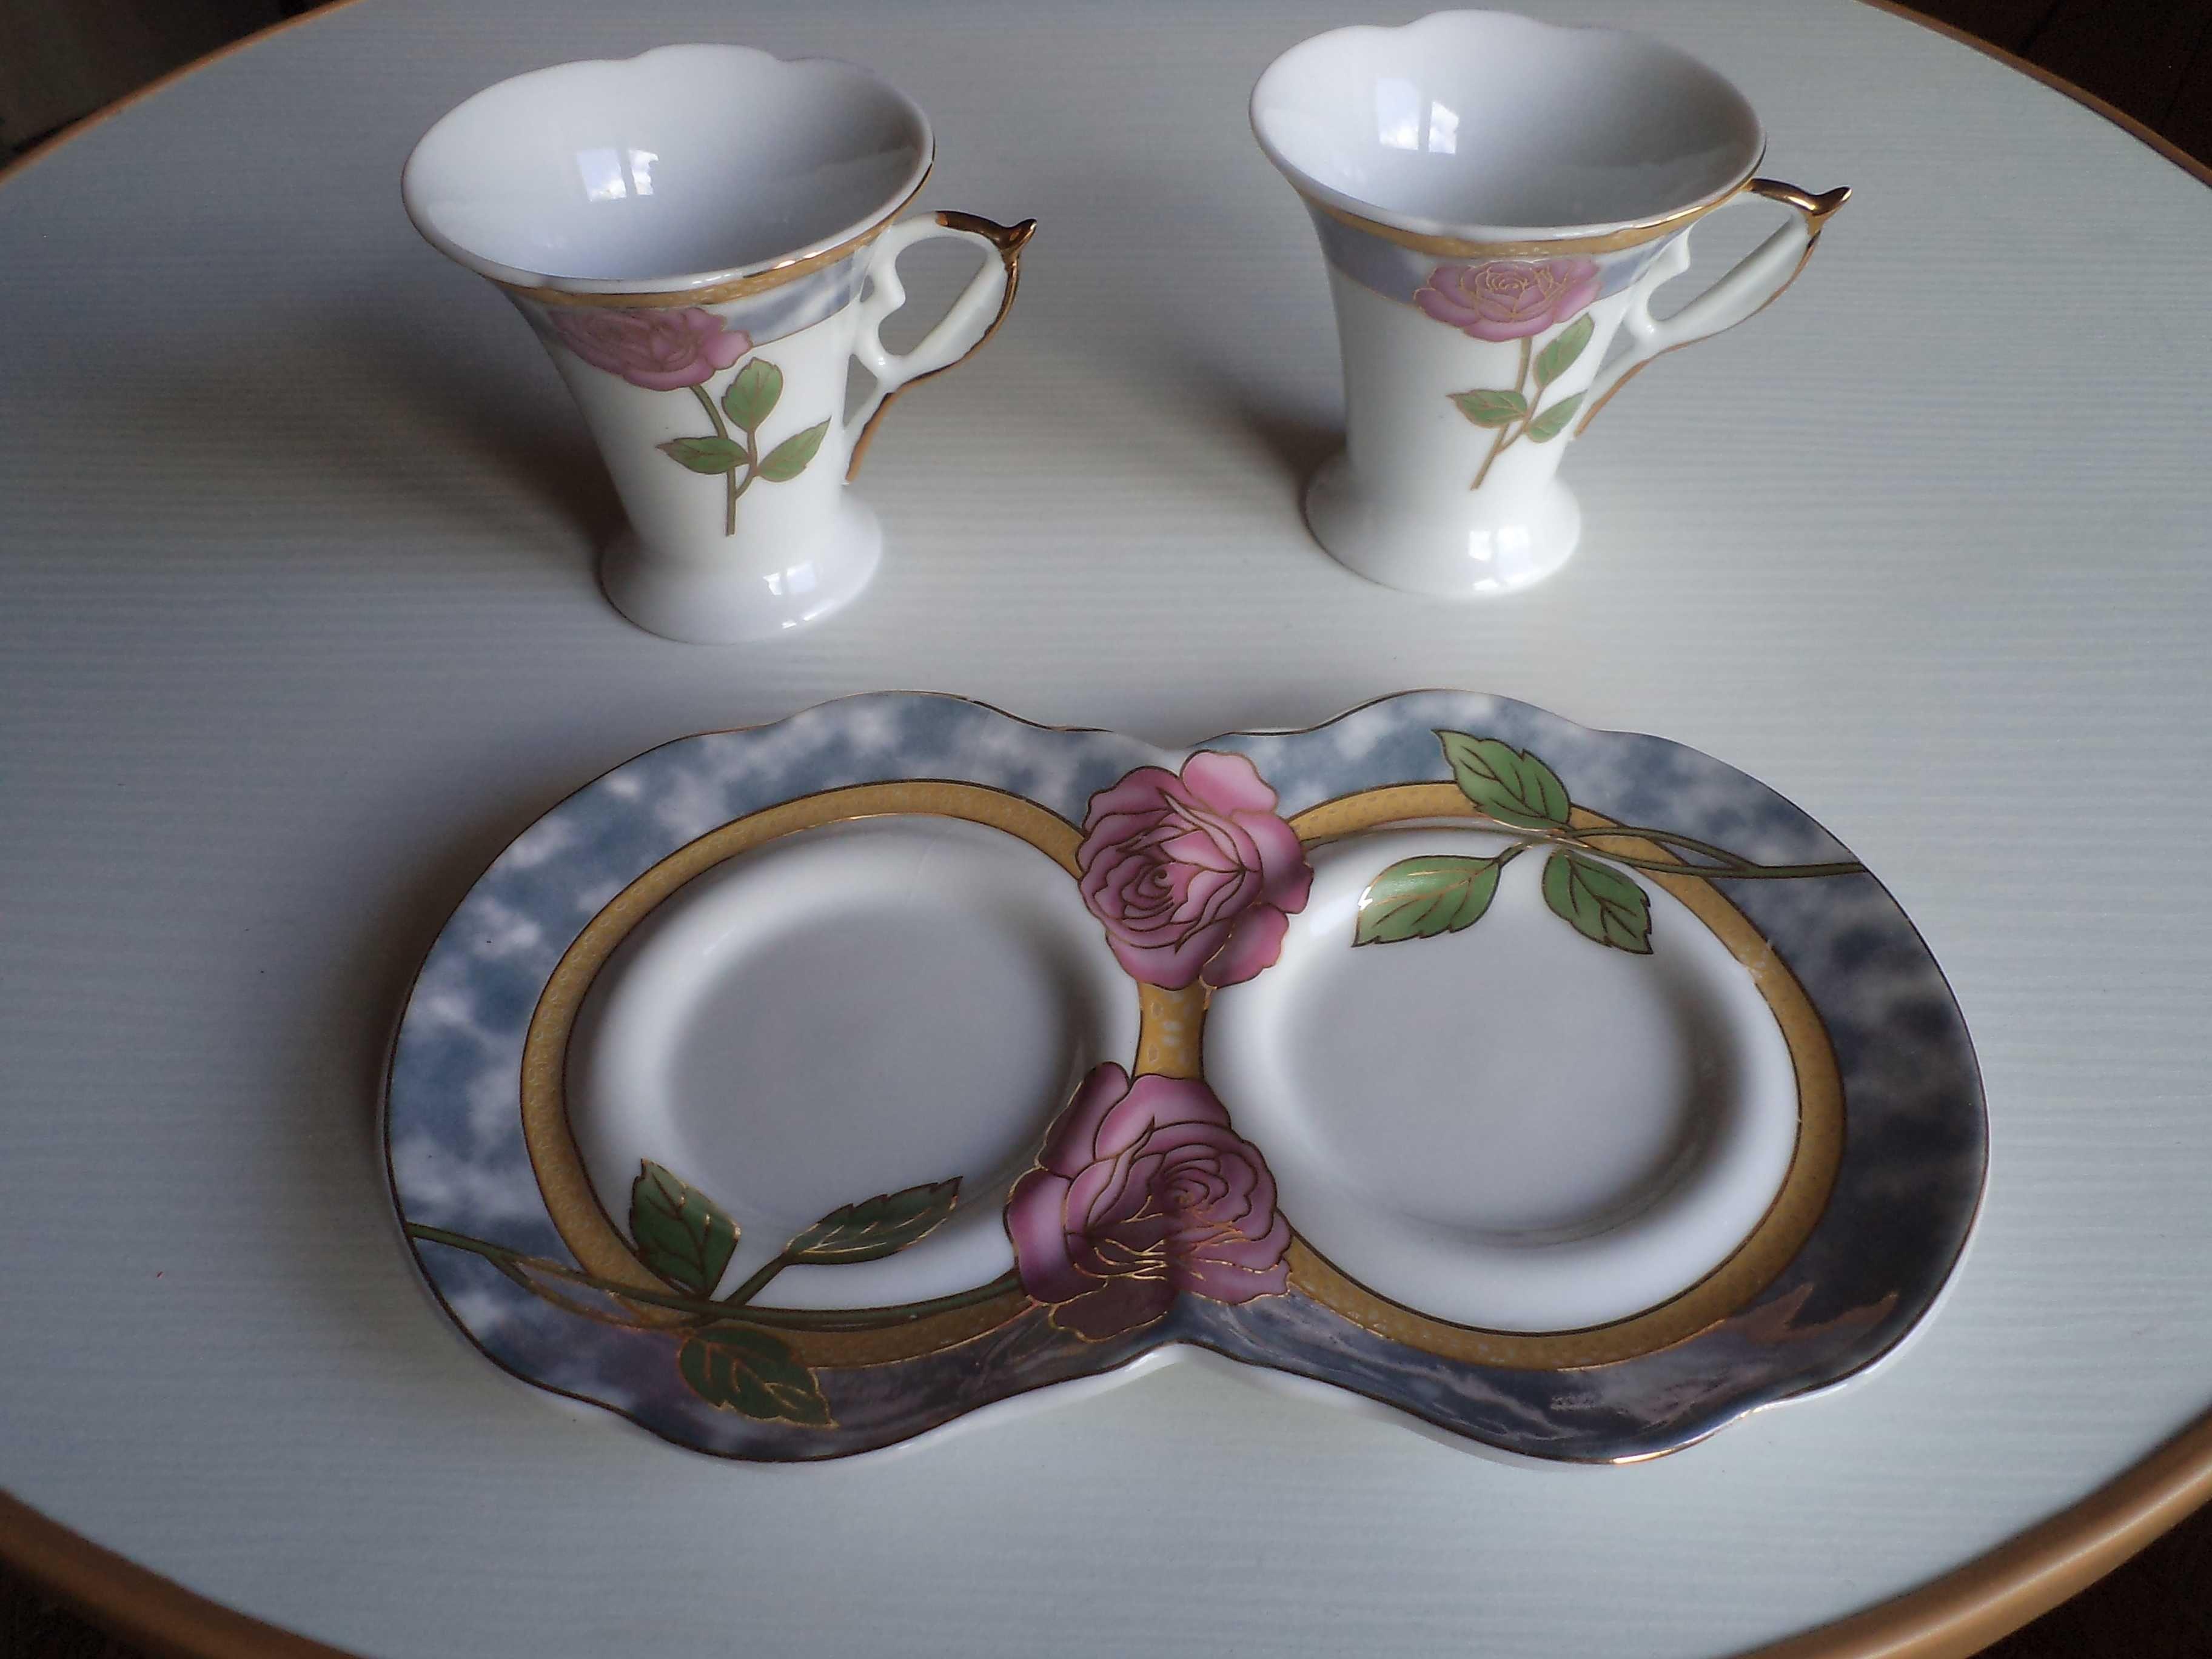 Подарок.  Красивая посуда, кофейная пара, 2 чашки, двойное блюдце